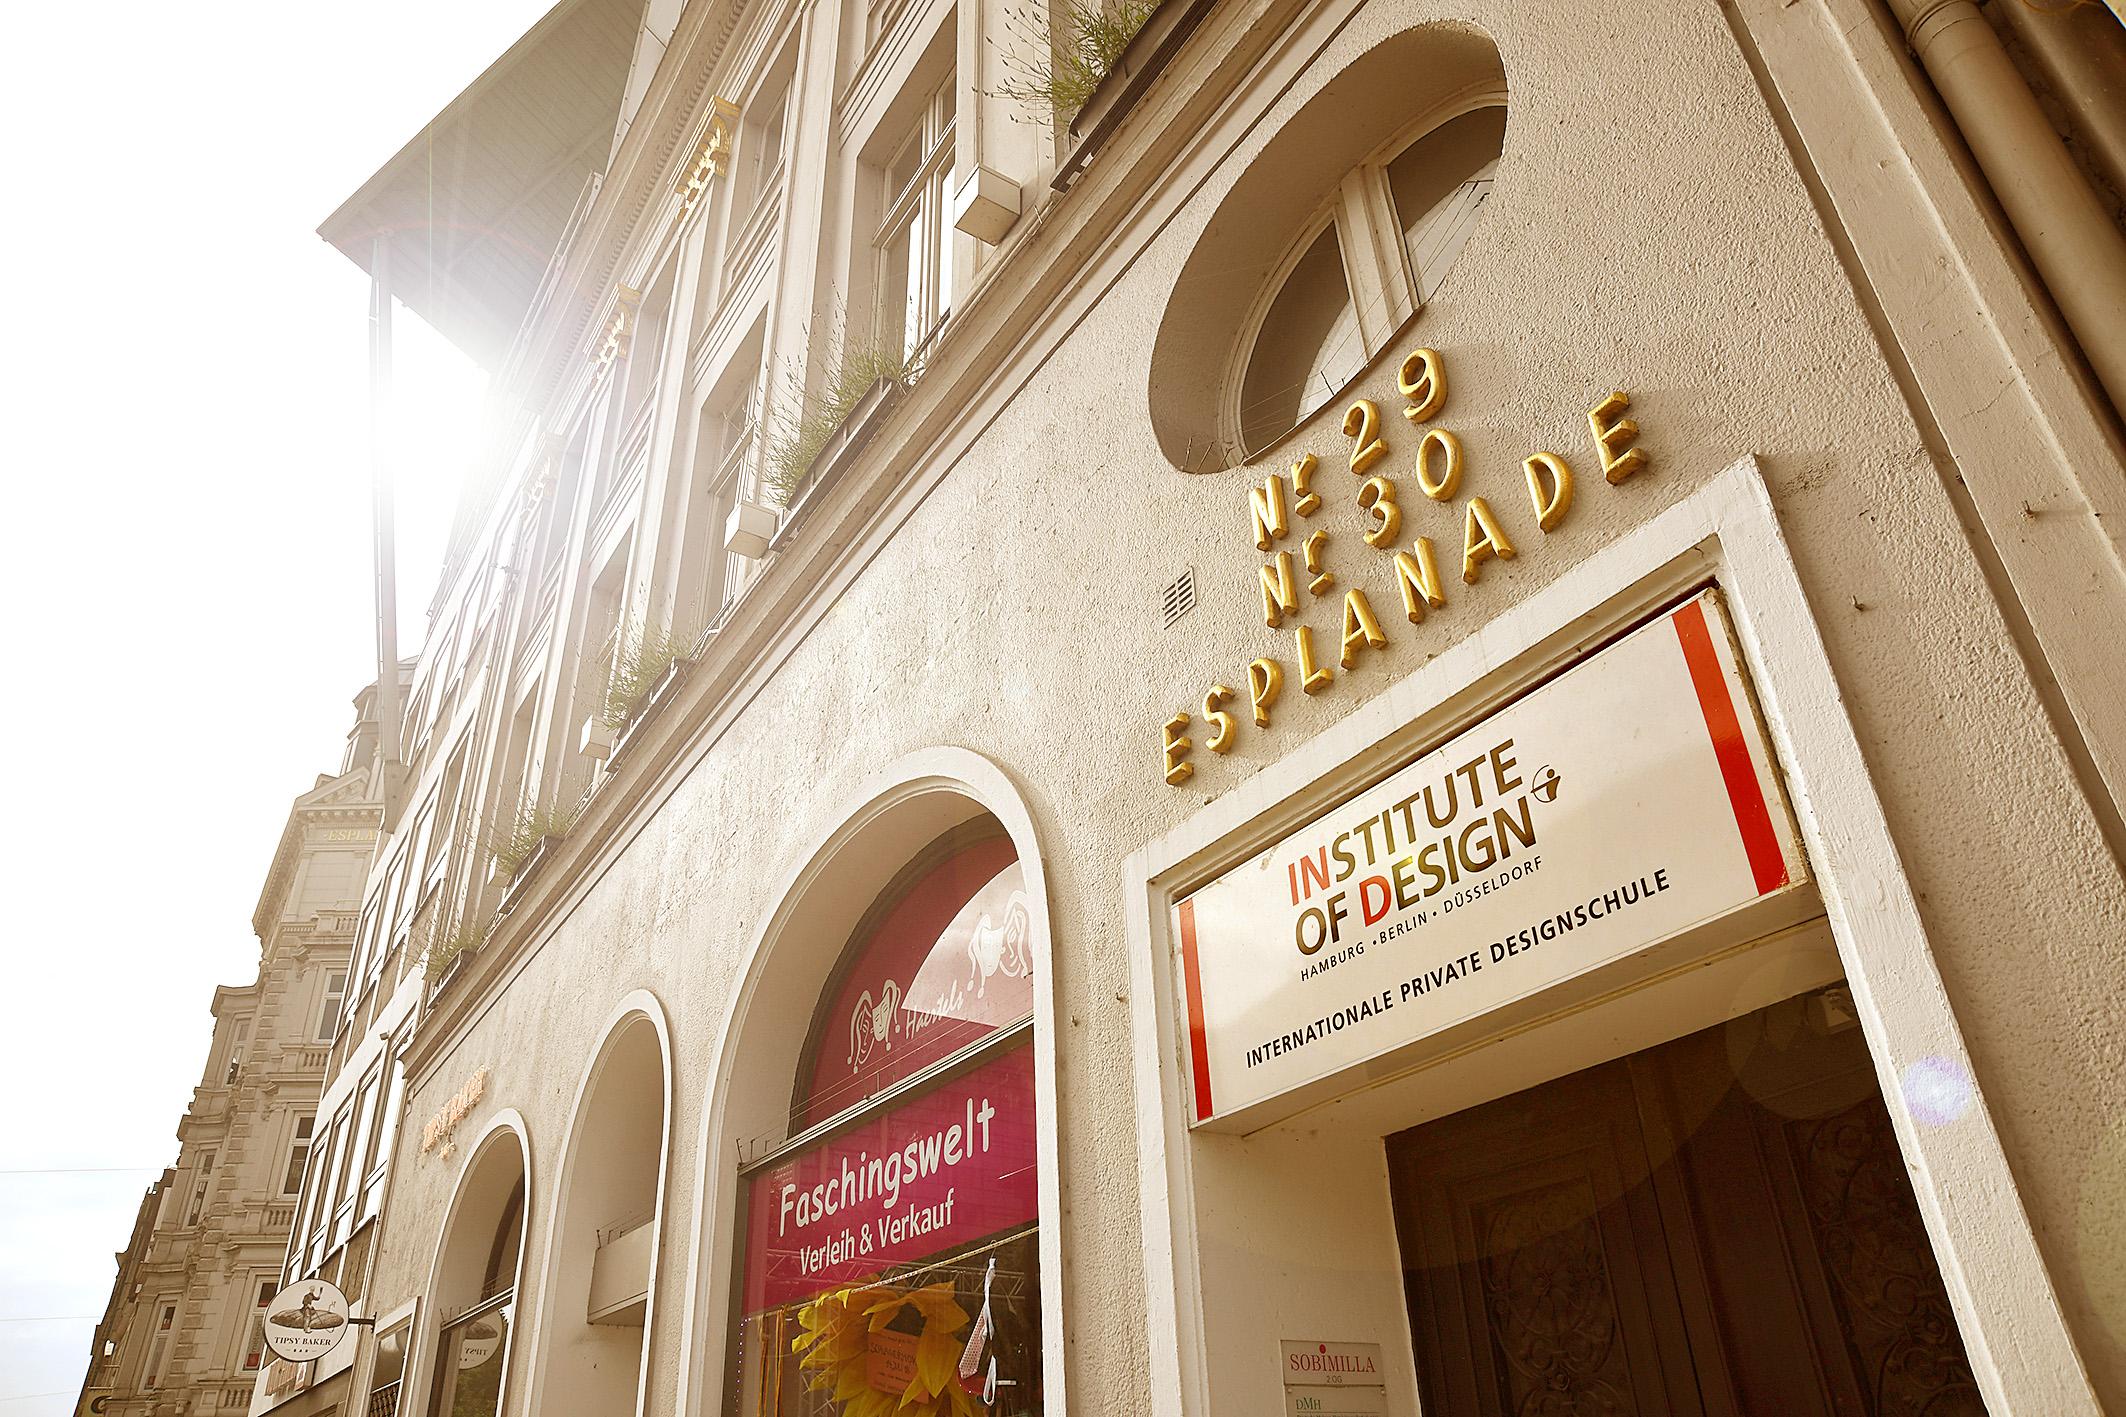 Foto: Michael B. Rehders - Am Dienstag fand der Kalibrier-Workshop im Institute of Design in Hamburg statt.